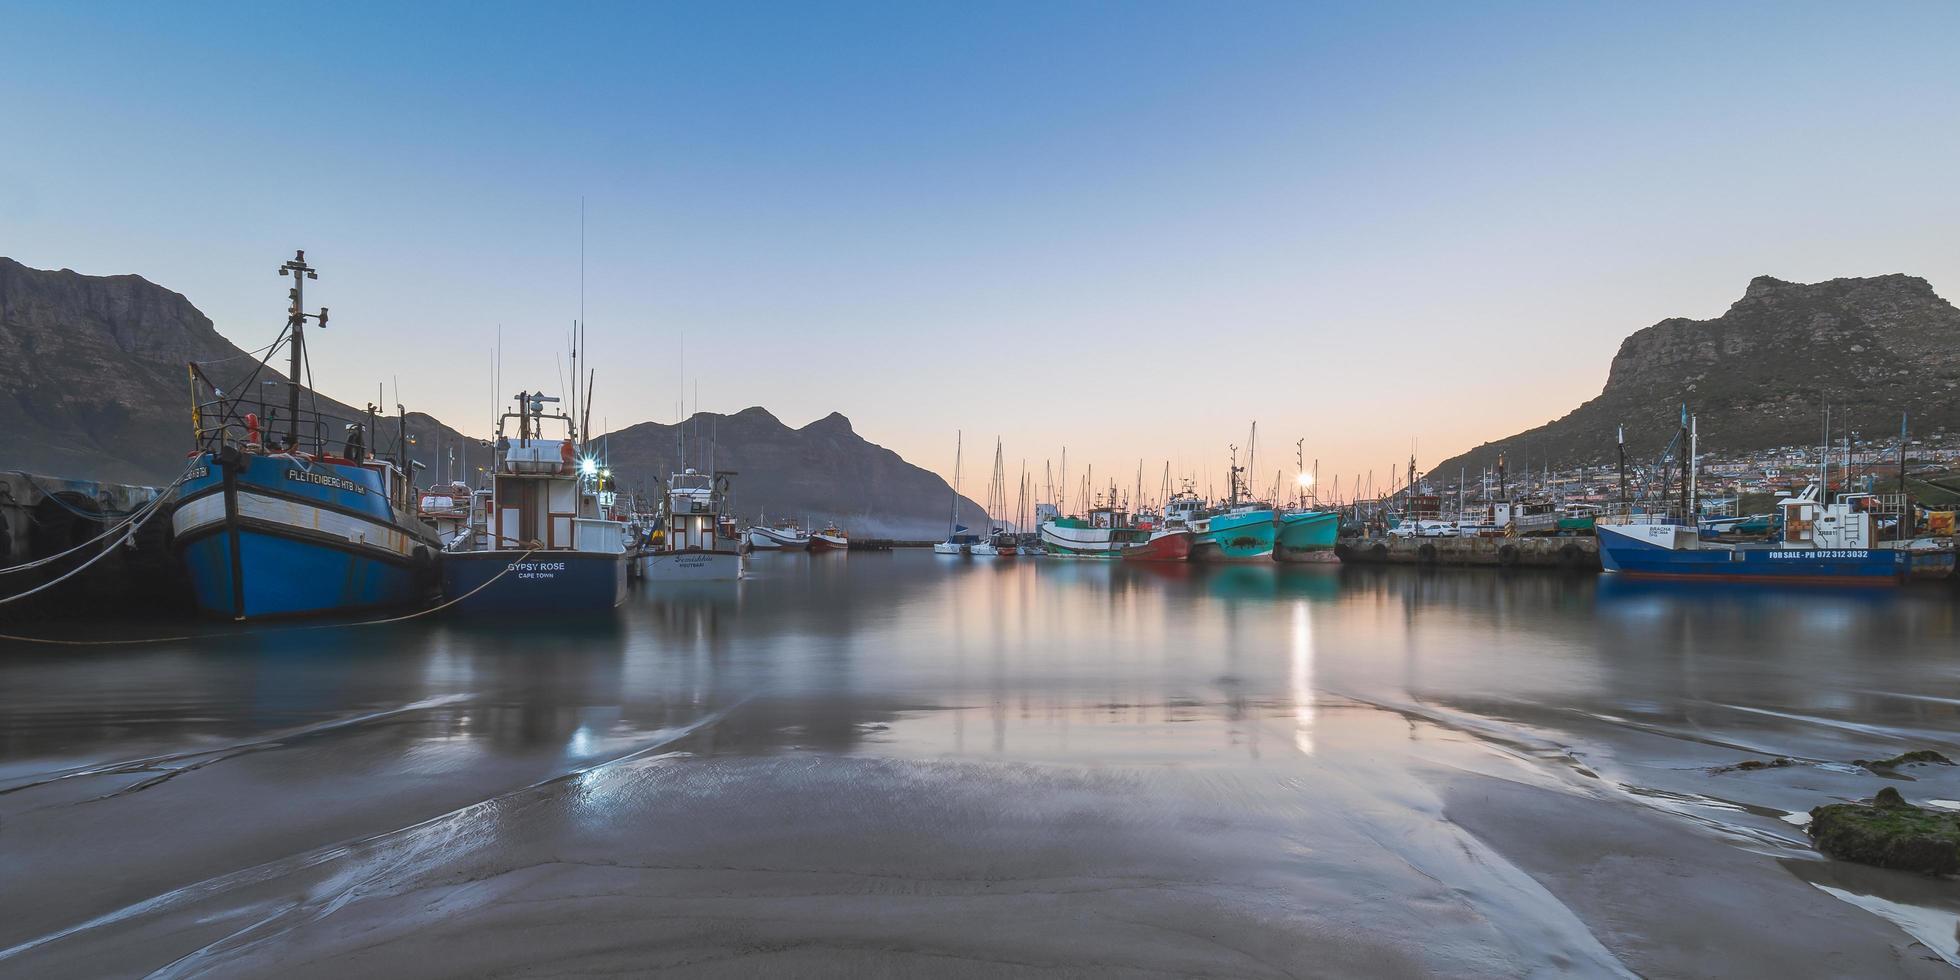 le barche si avvicinano ai bacini a Cape Town foto